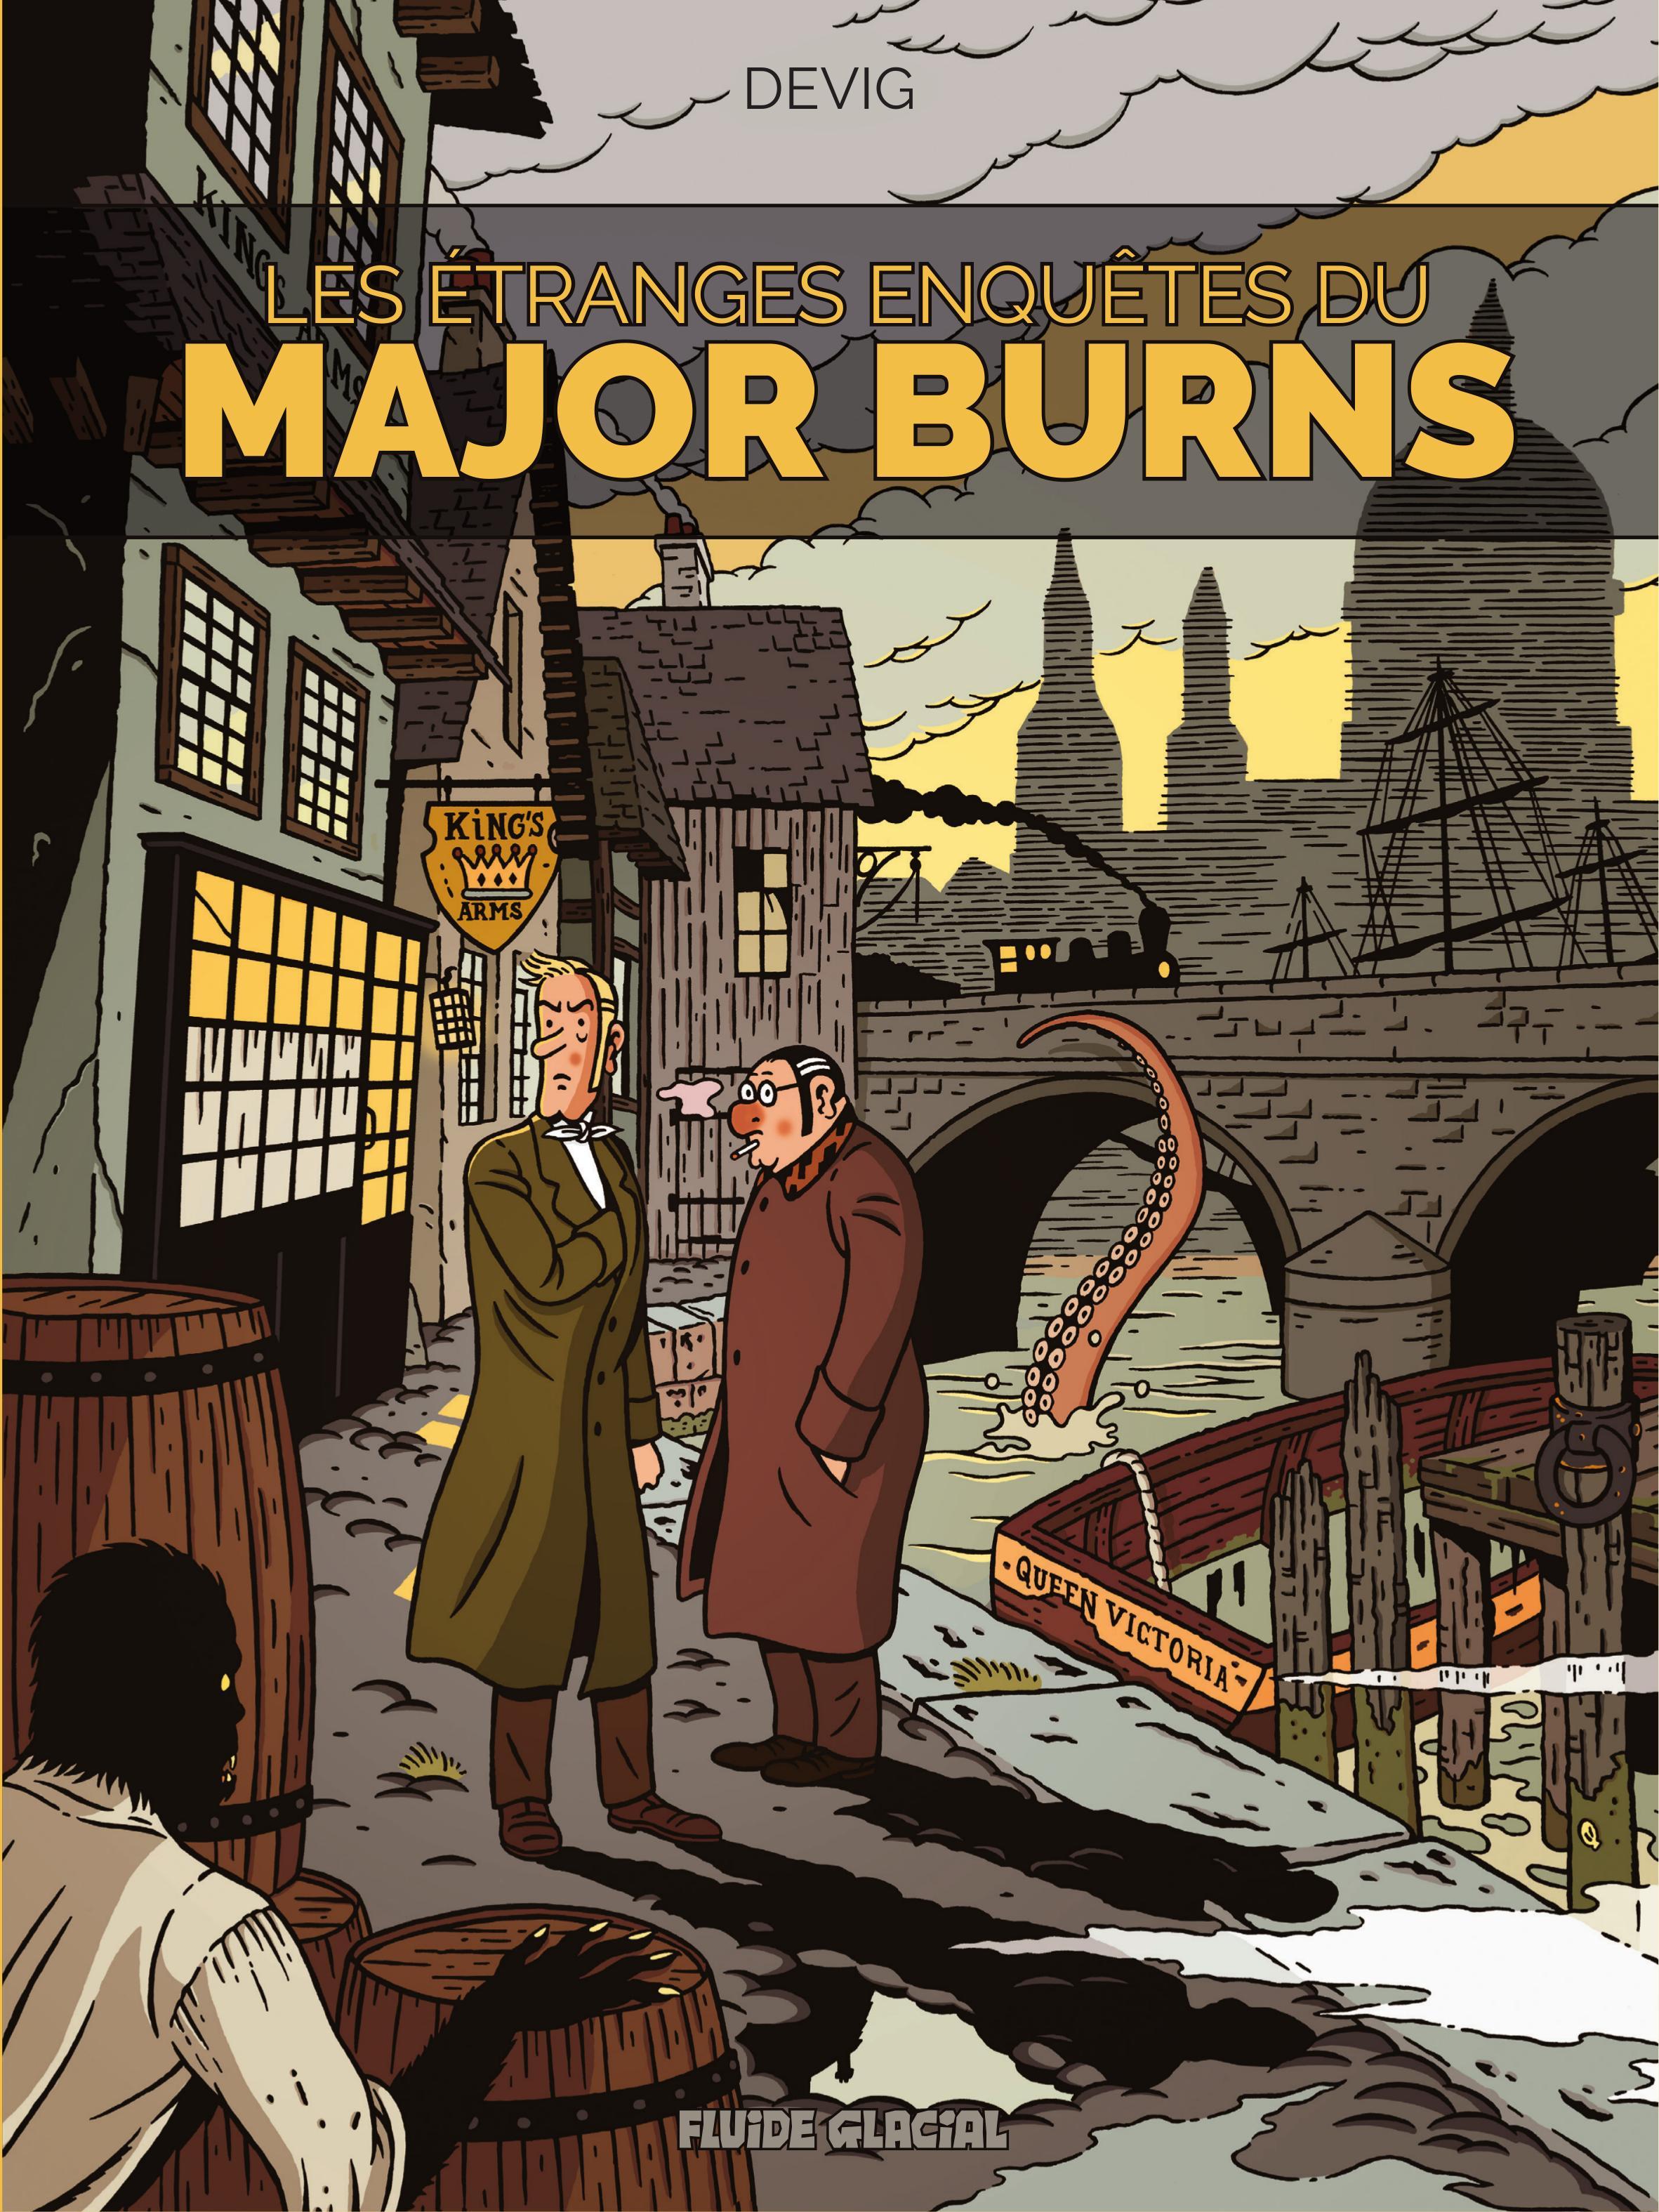 Les étranges enquêtes du Major Burns 1 - Les étranges aventures du Major Burns